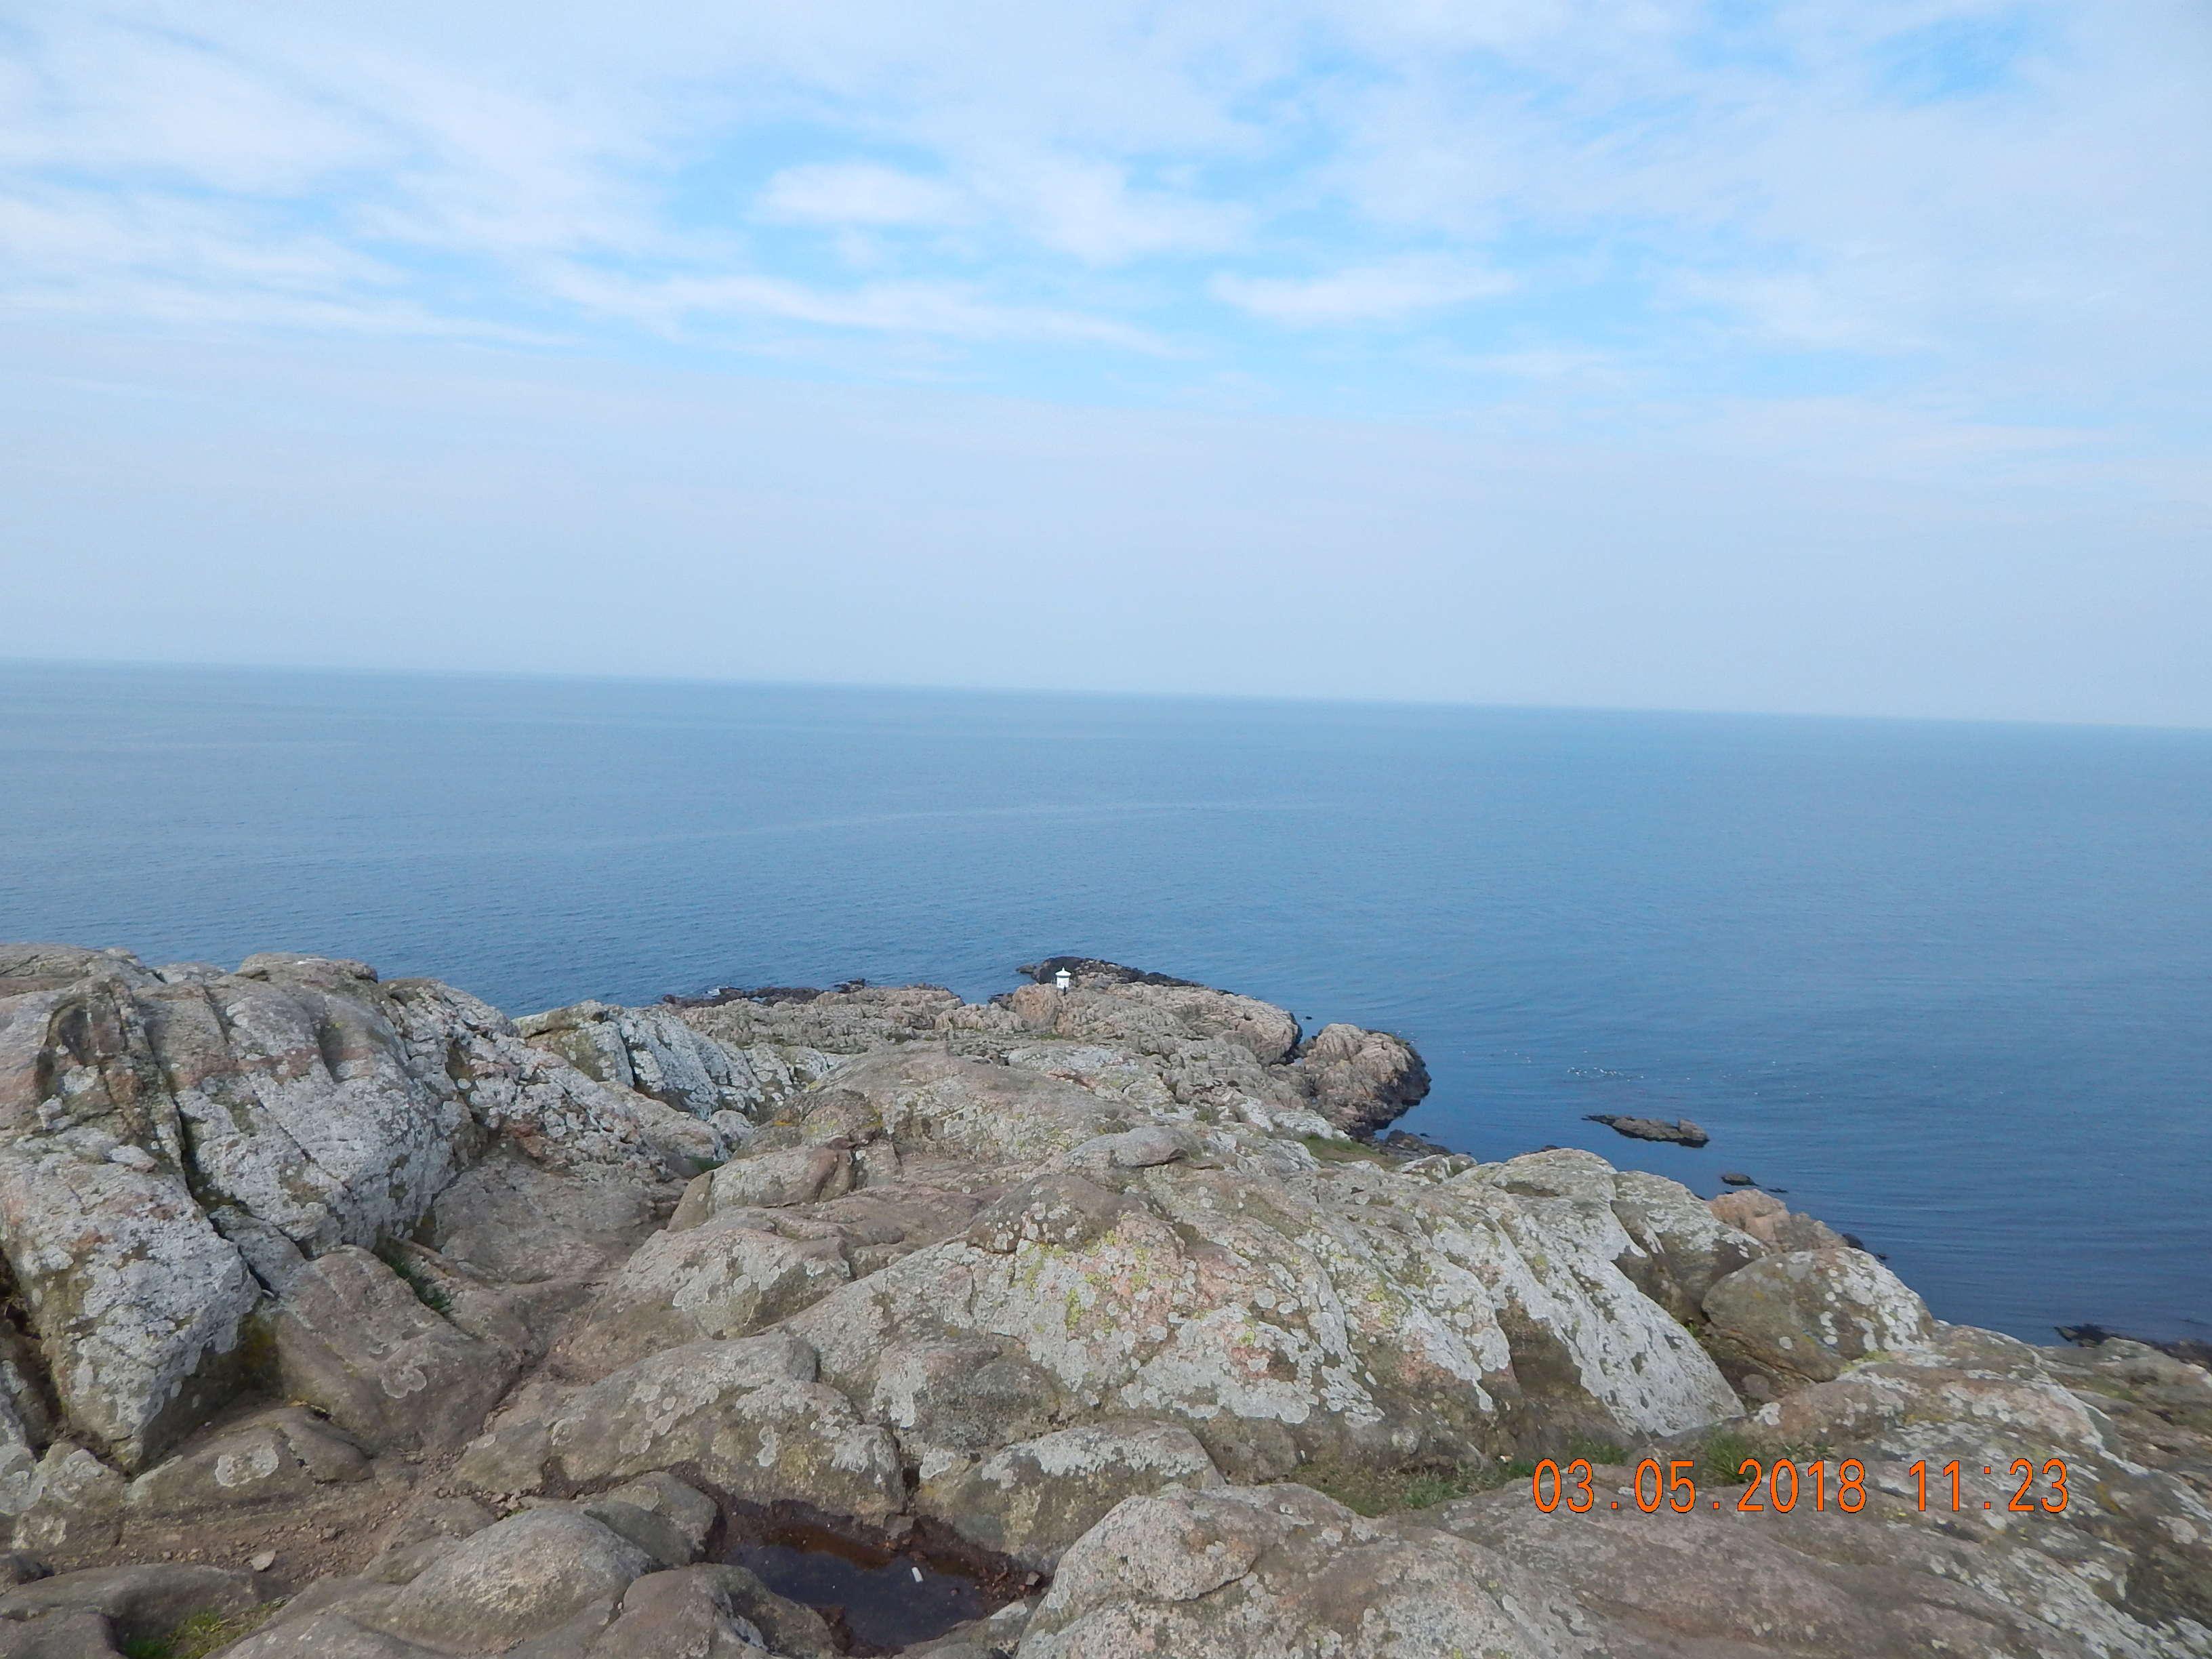 Романтическое путешествие в Скандинавию. - Страница 2 Dscn4238